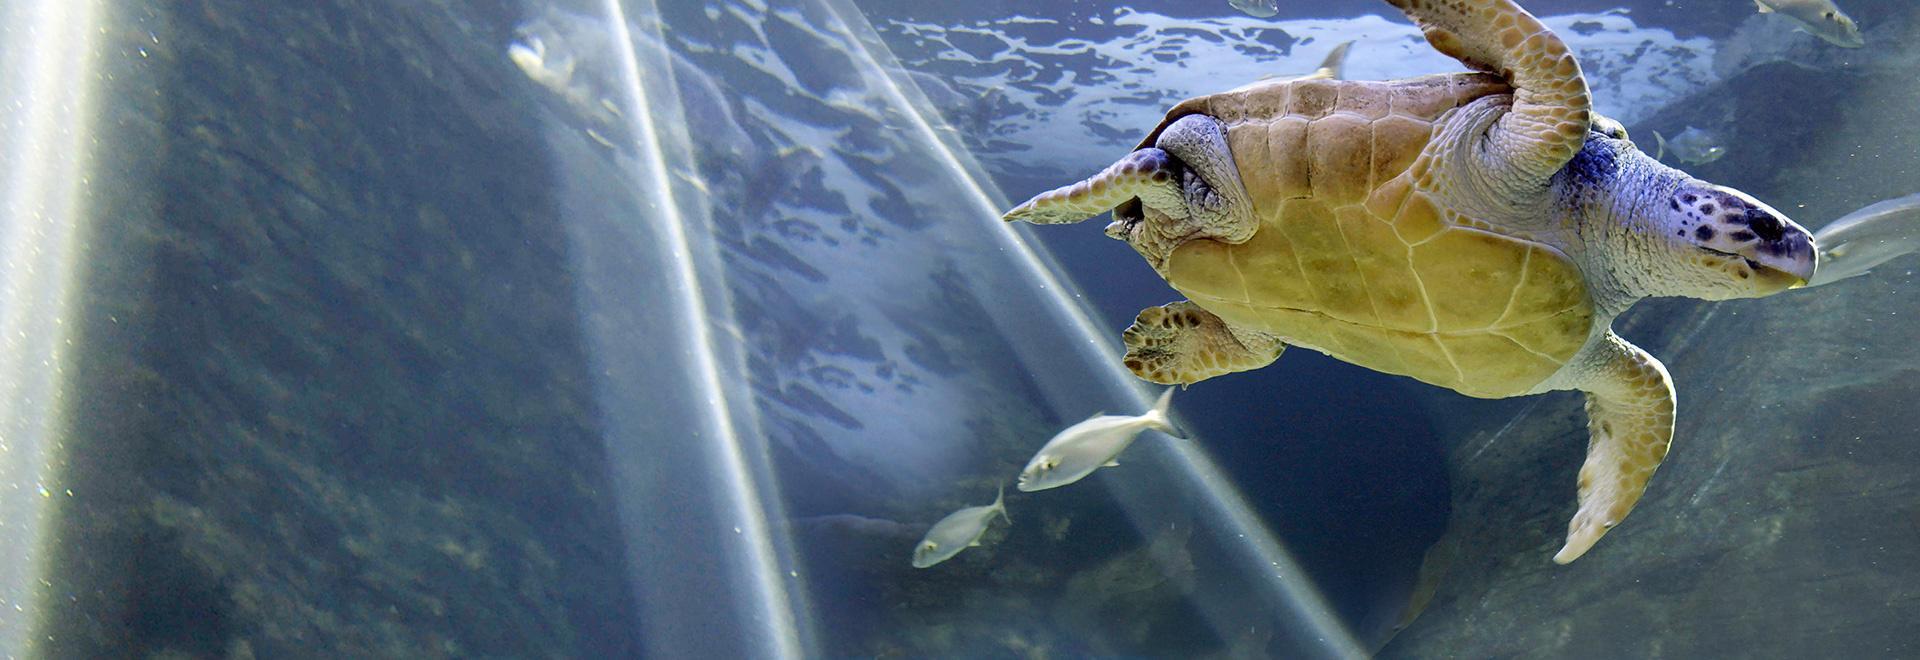 Aquarium: An Aquatic Life